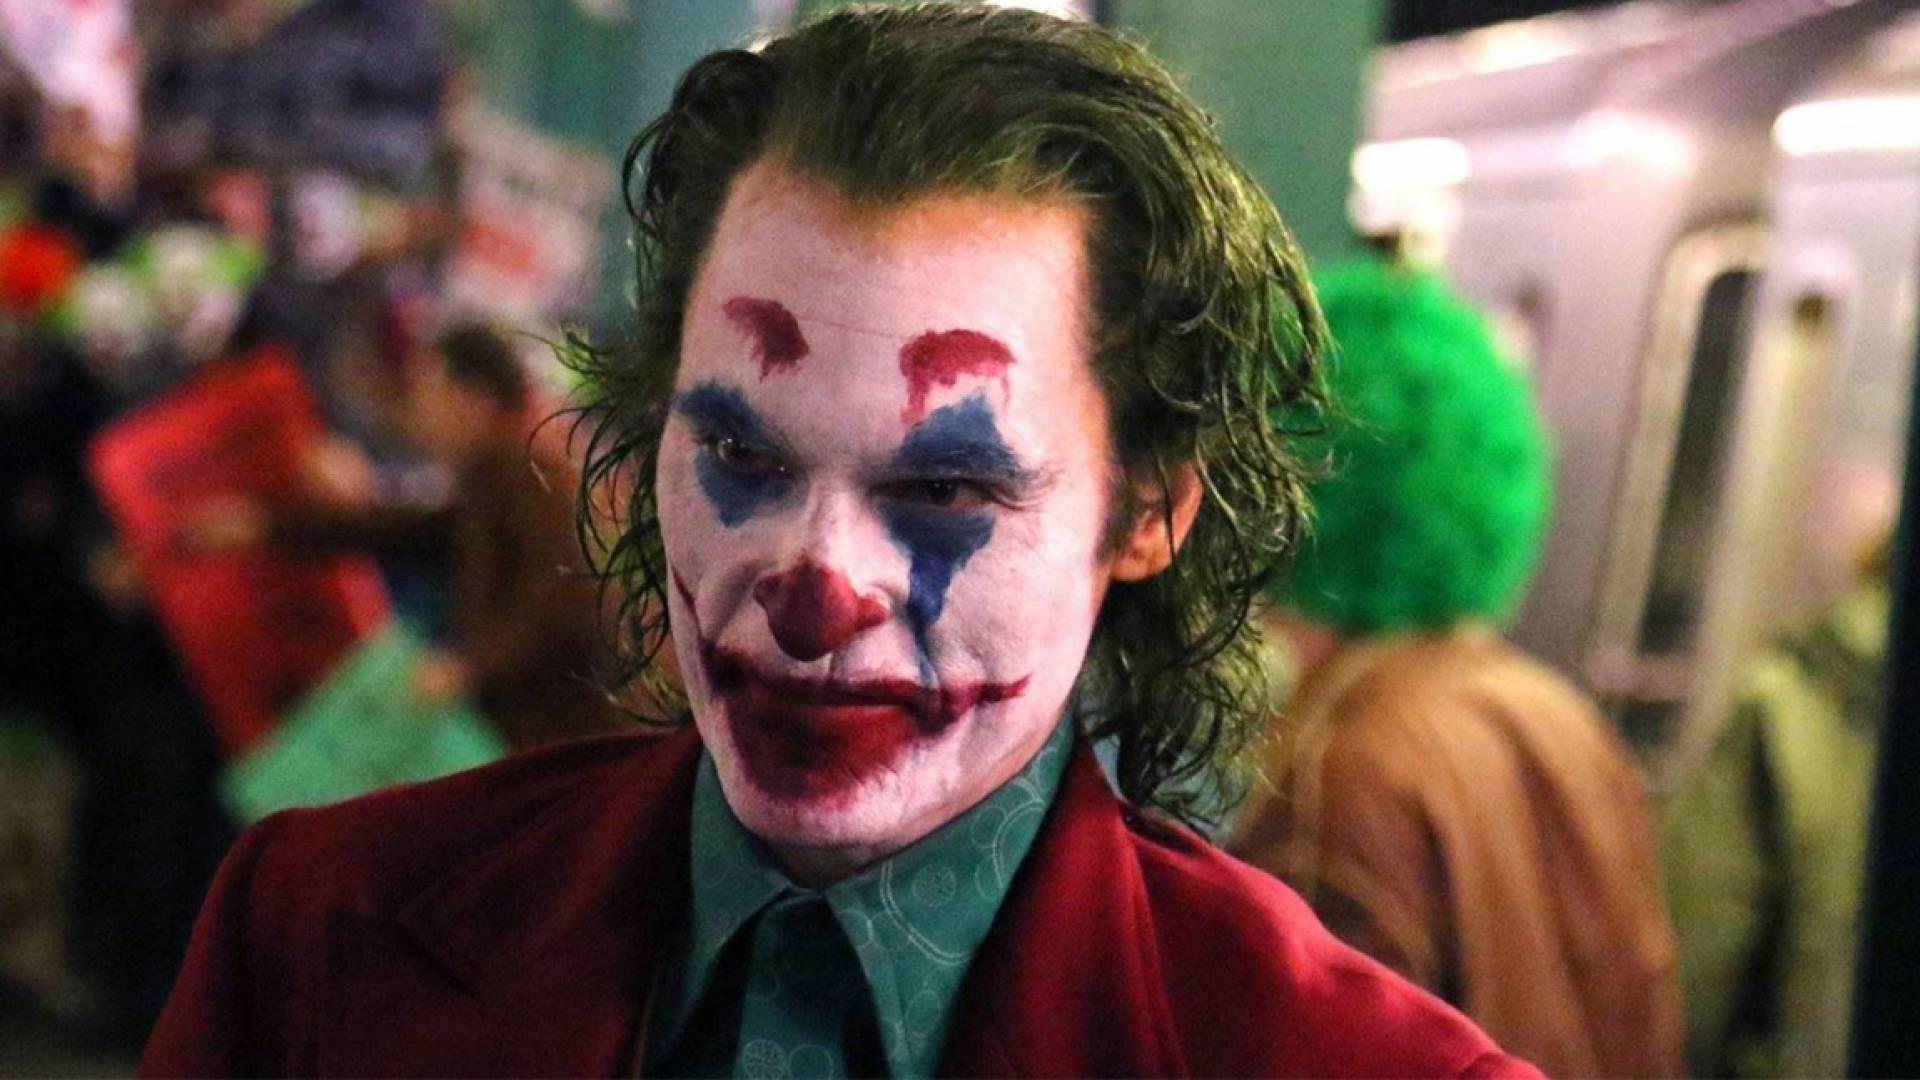 """""""Джокер"""" и его влияние на людей. Мысли вслух.. - Изображение 2"""